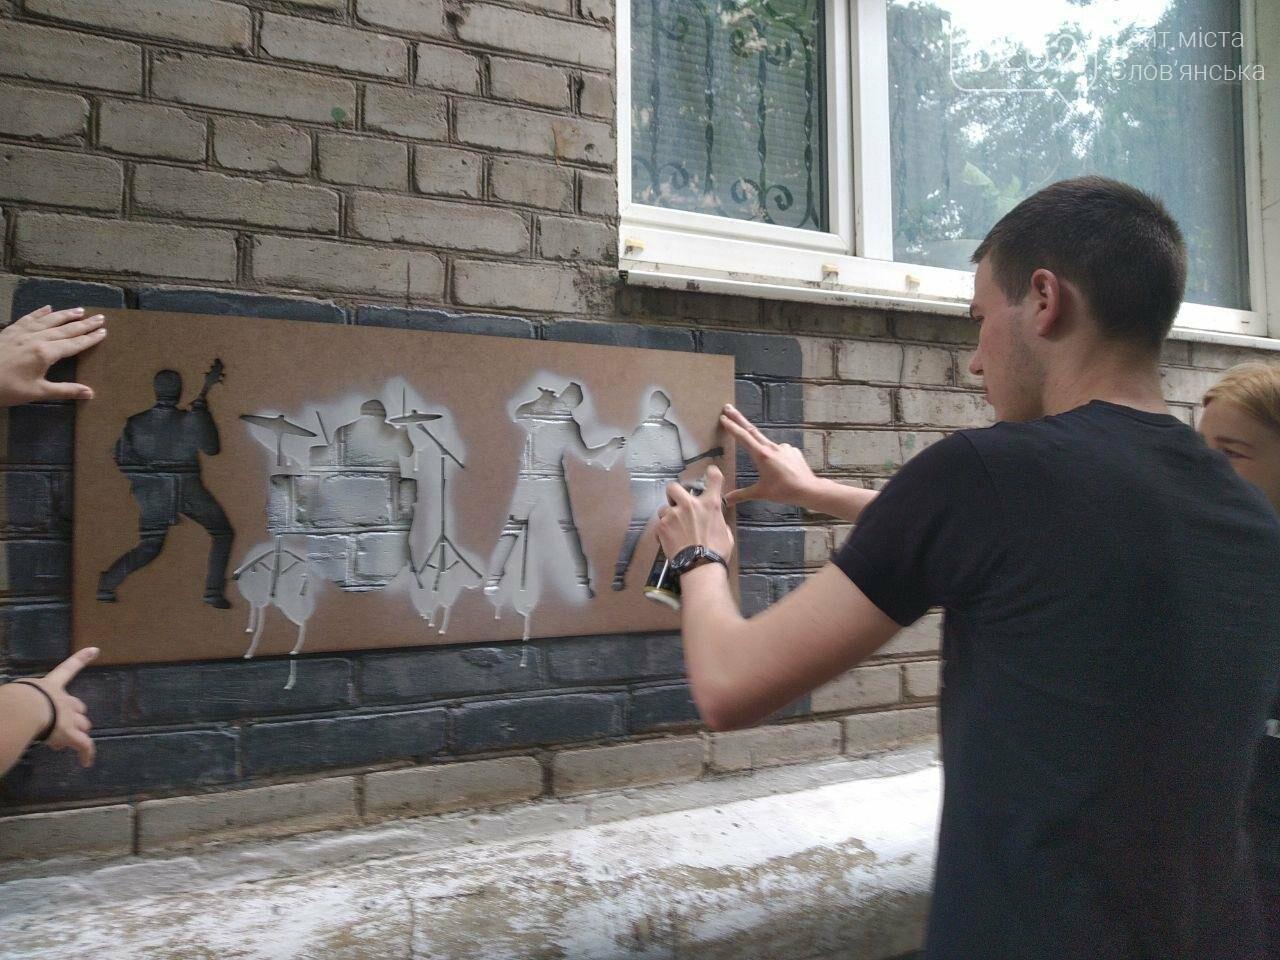 В Славянске рекламу наркотиков перекрывали рисунками, фото-4